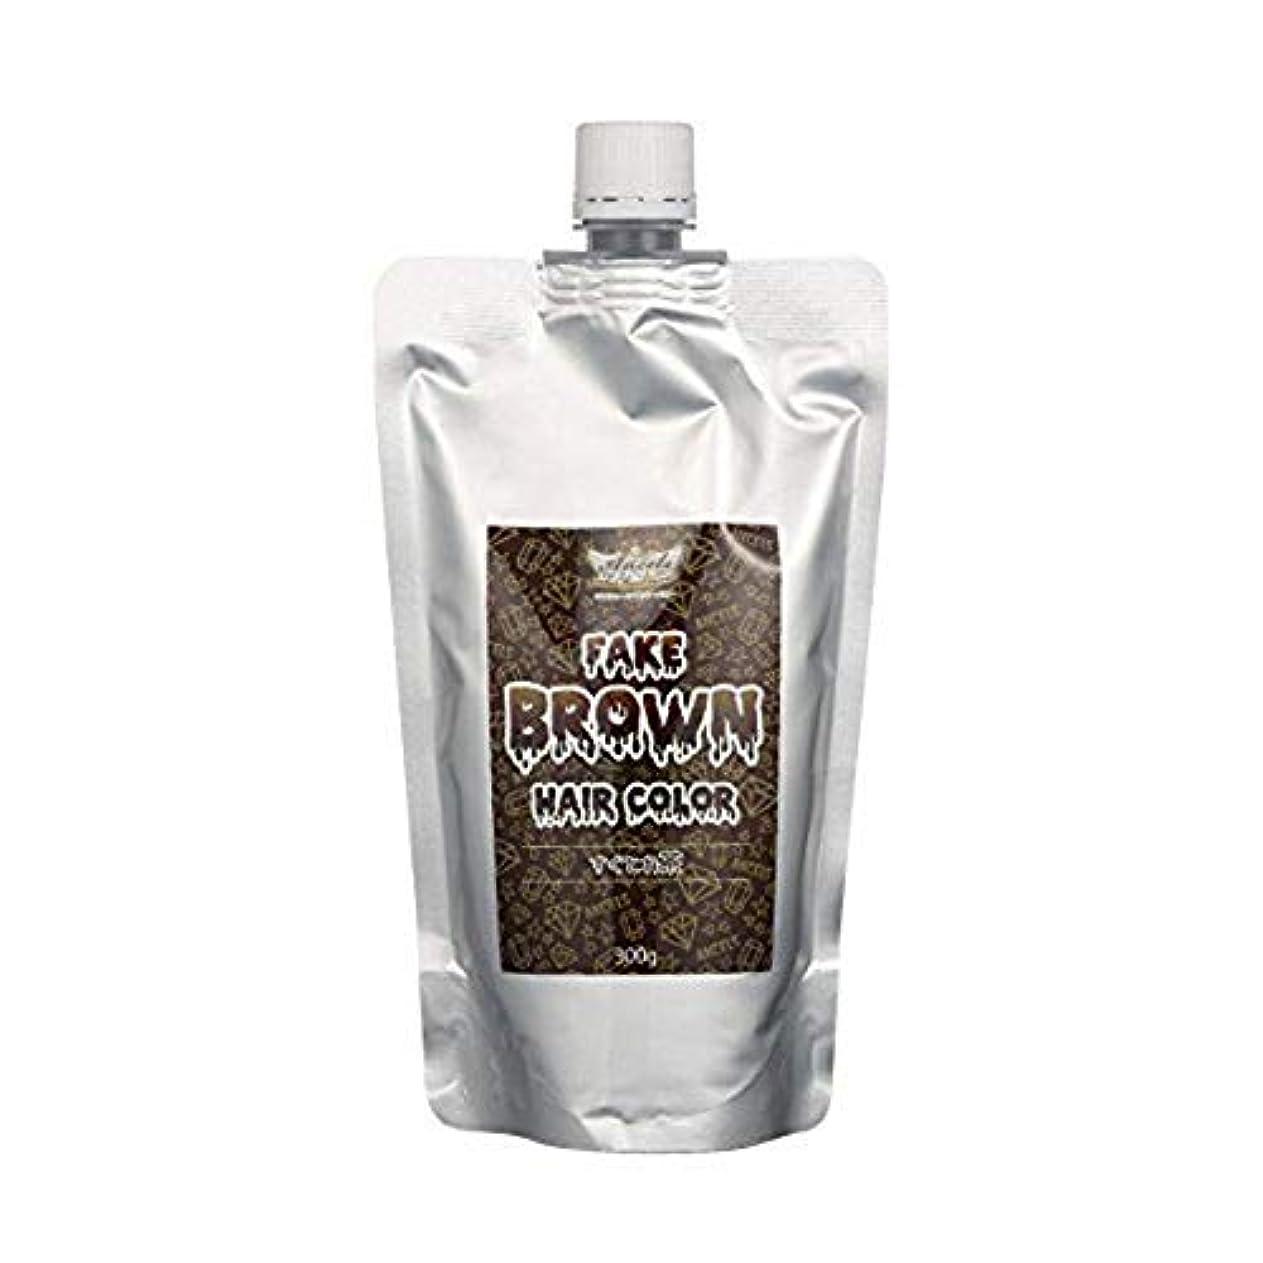 マウント容器騒々しいpassion エンシェールズ すぐとれシリーズ すぐとれ黒 すぐとれ茶 FAKE フェイクブラック フェイクブラウン カラーバター カラートリートメント 300g すぐとれ茶